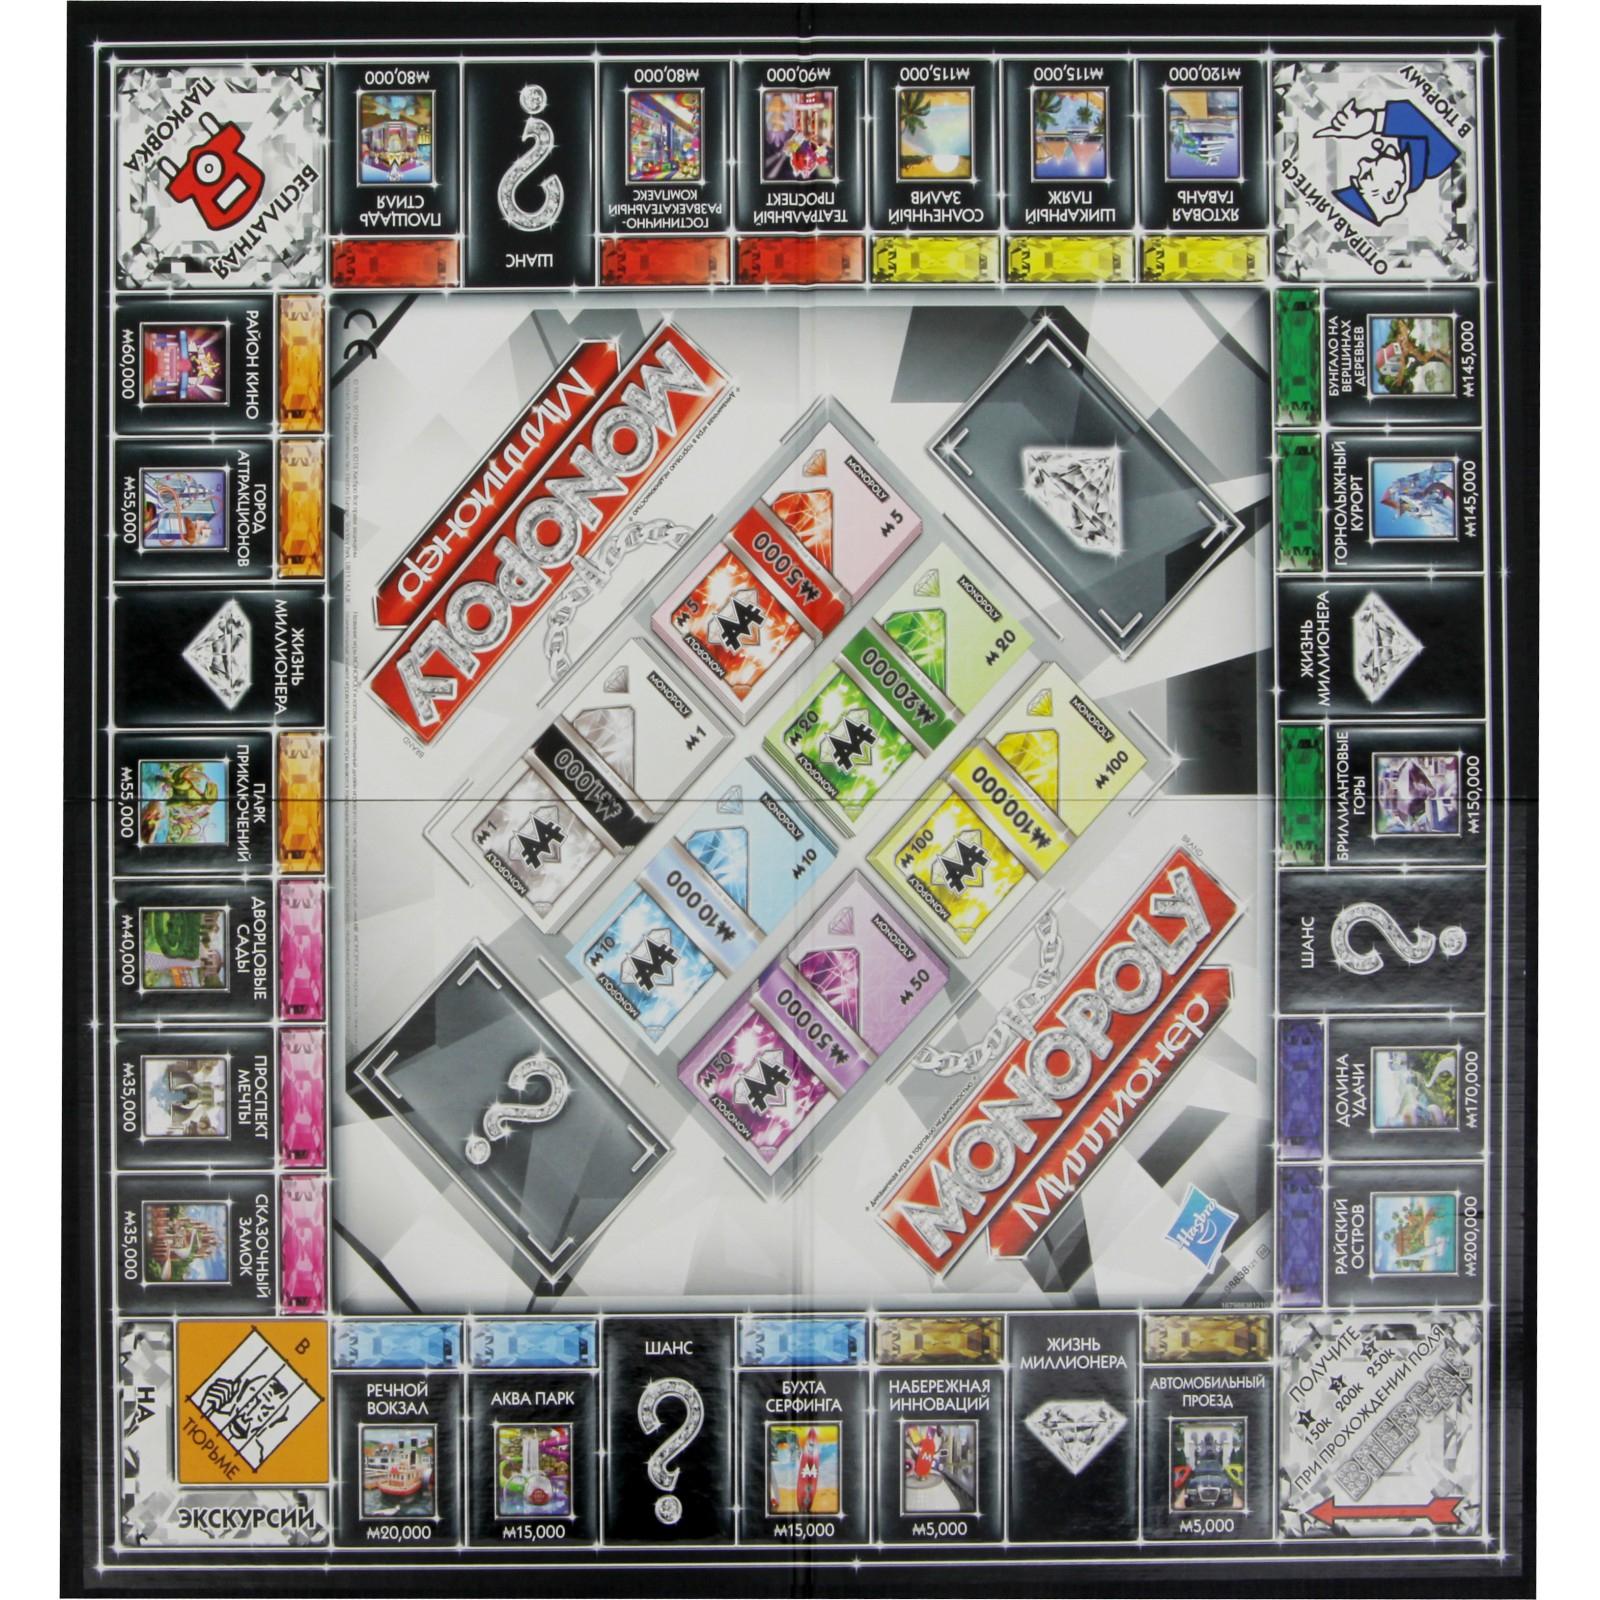 Настольная игра Hasbro Монополия Миллионер руский язык (98838) изображение 2